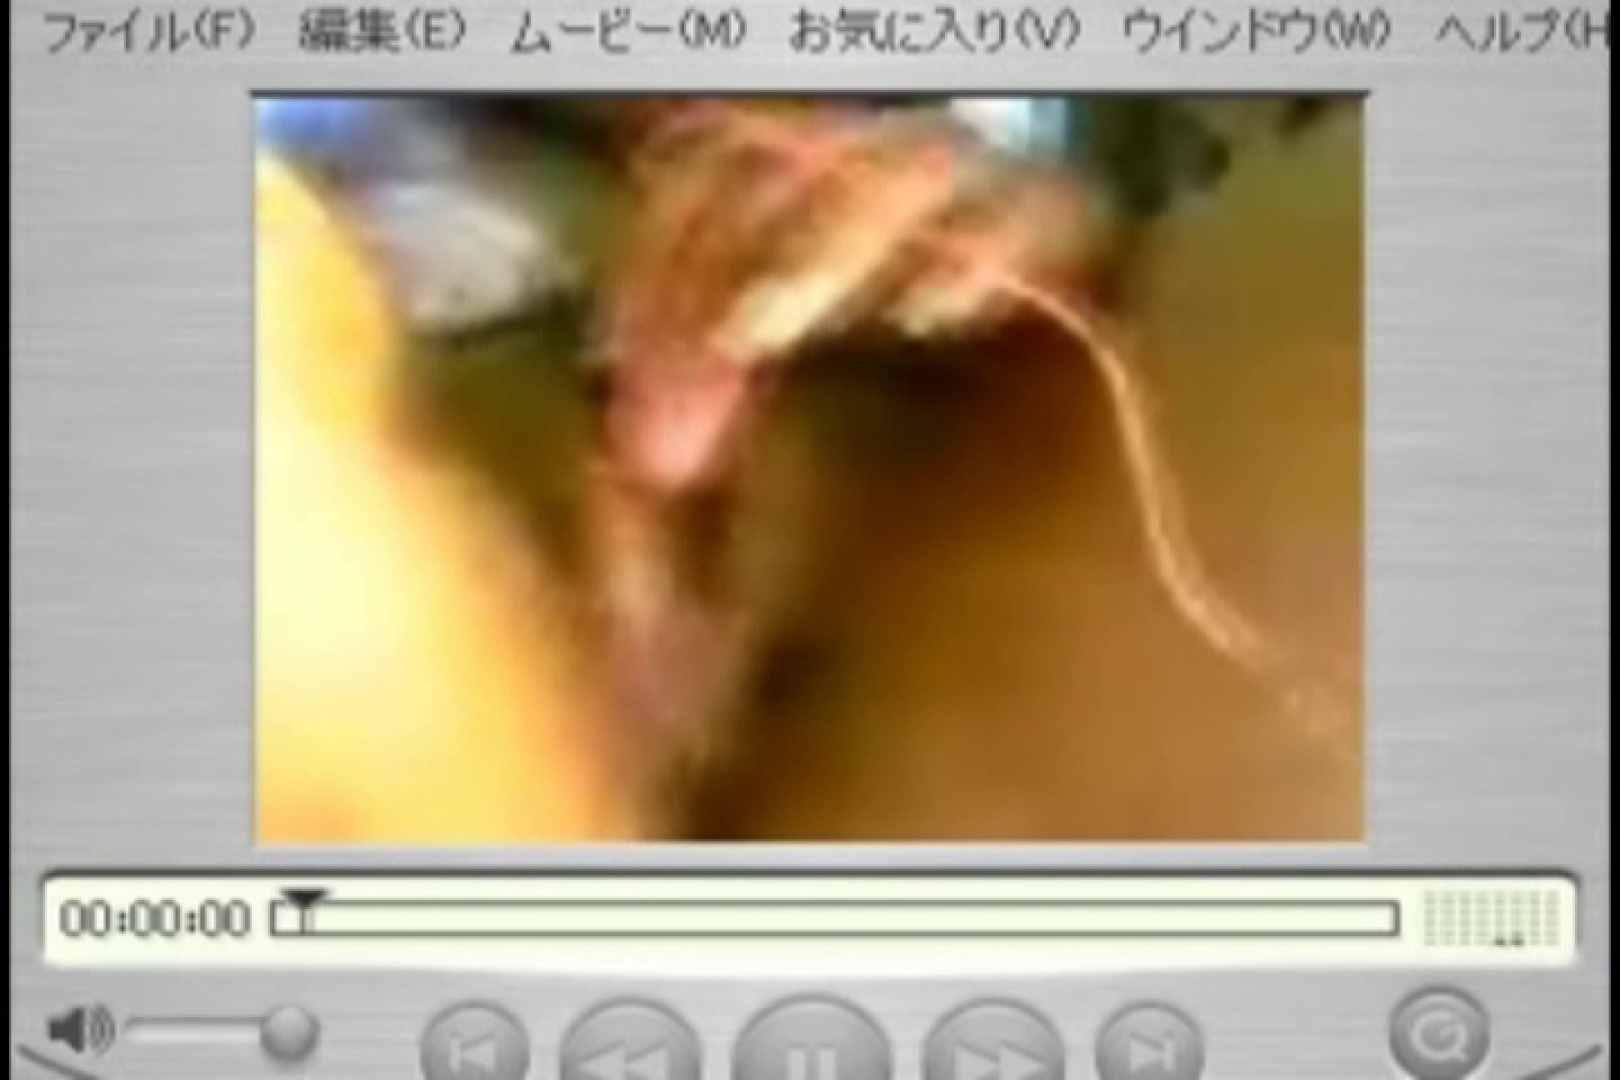 Shigeruのアルバム 覗き セックス画像 82連発 24